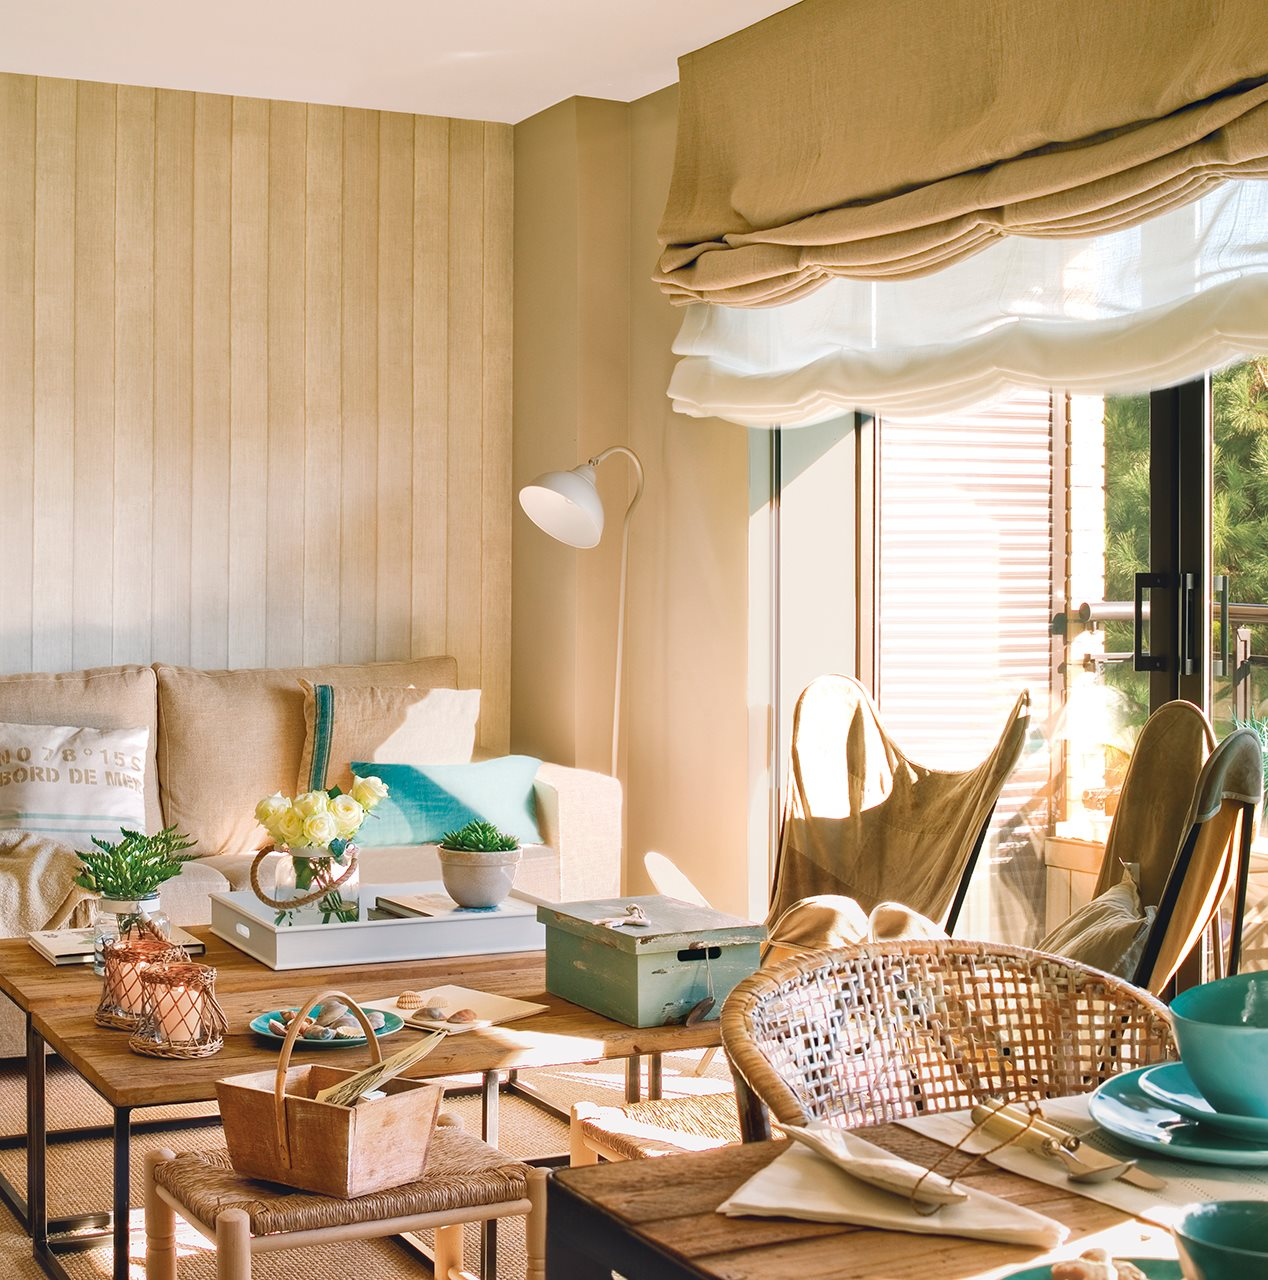 Elegir cortinas y acertar telas medidas y materiales - Decorar paredes con telas ...